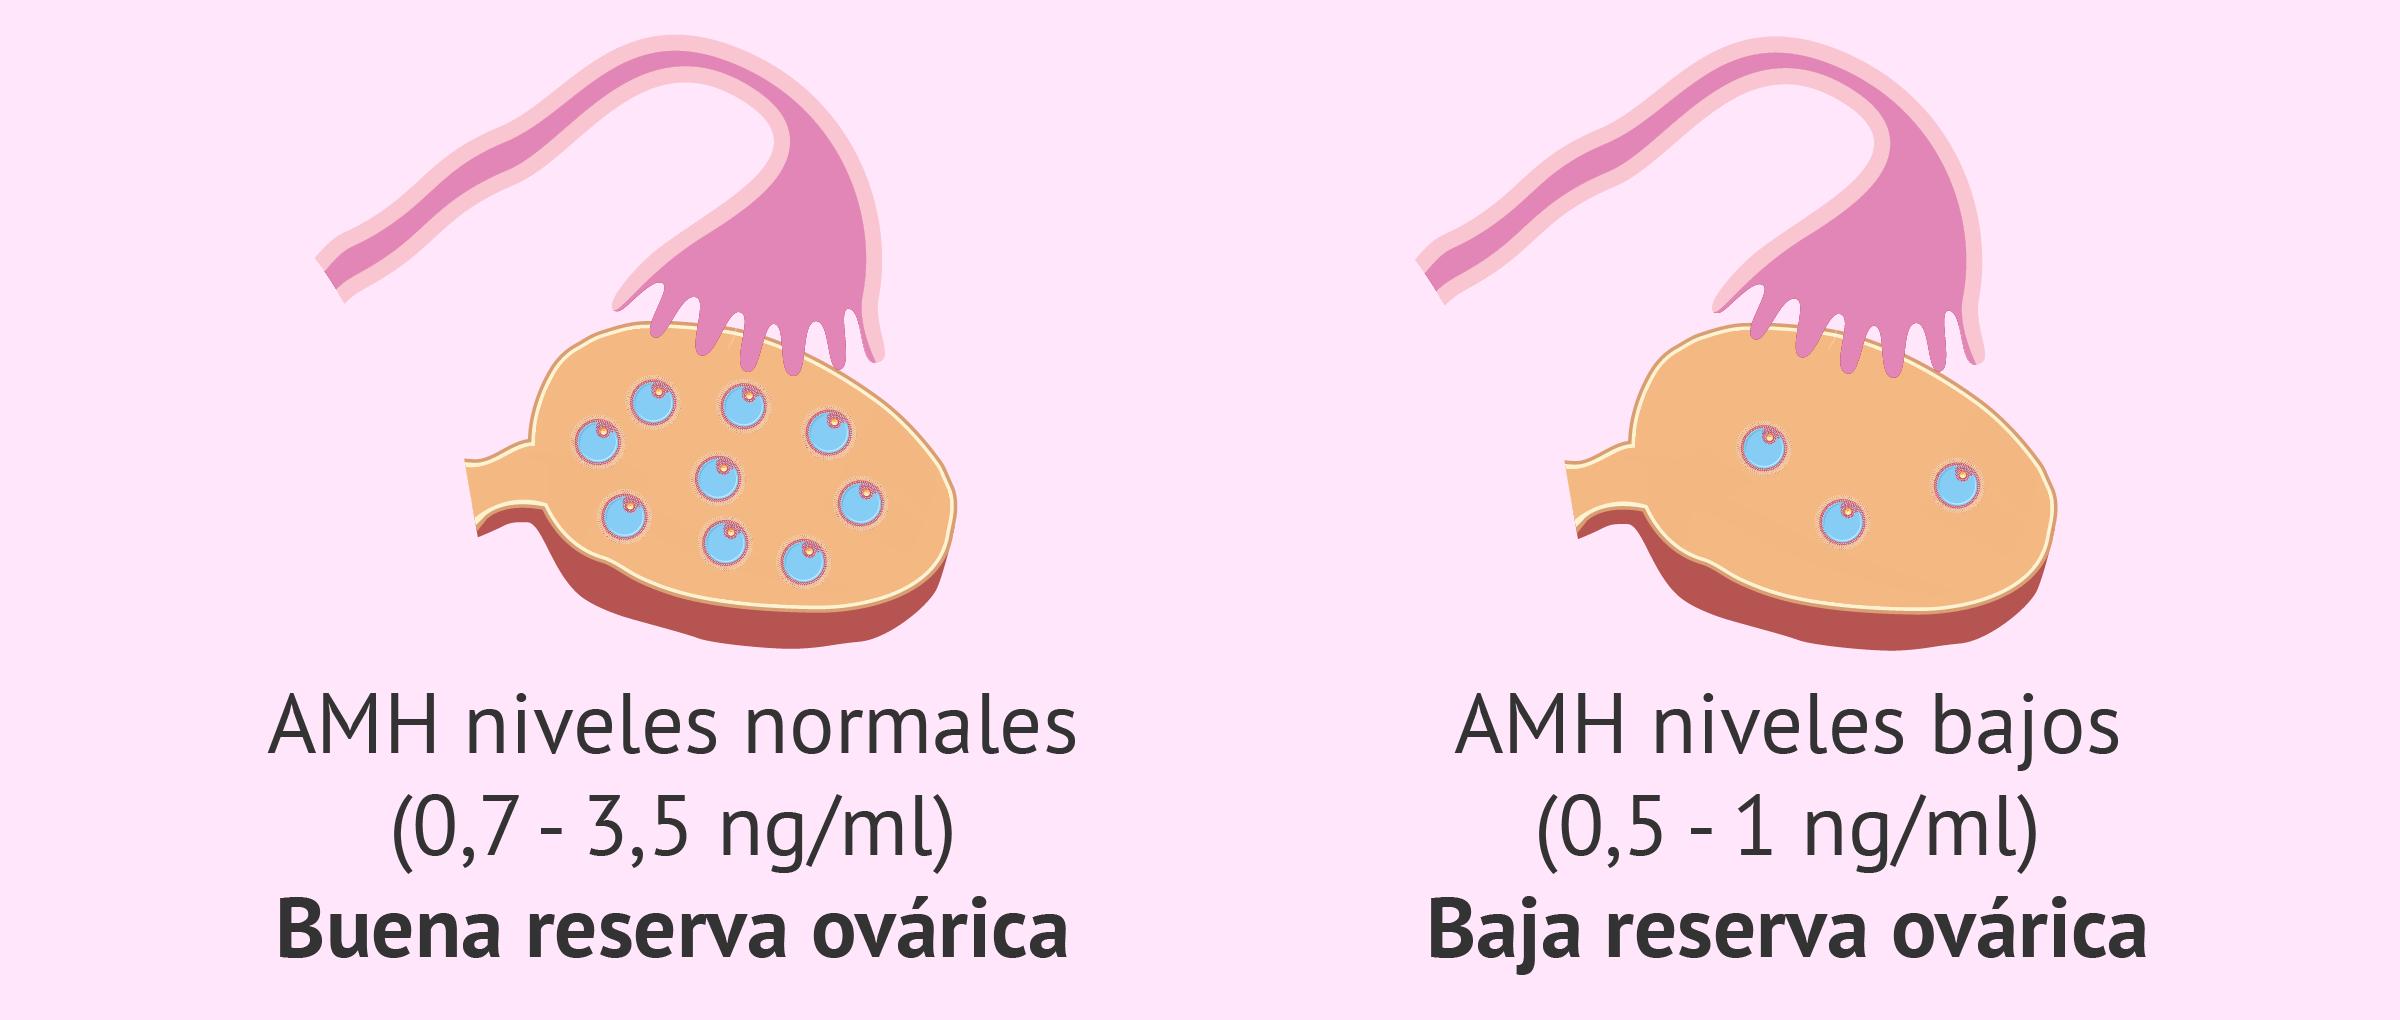 Relación entre los niveles de AMH y la reserva ovárica